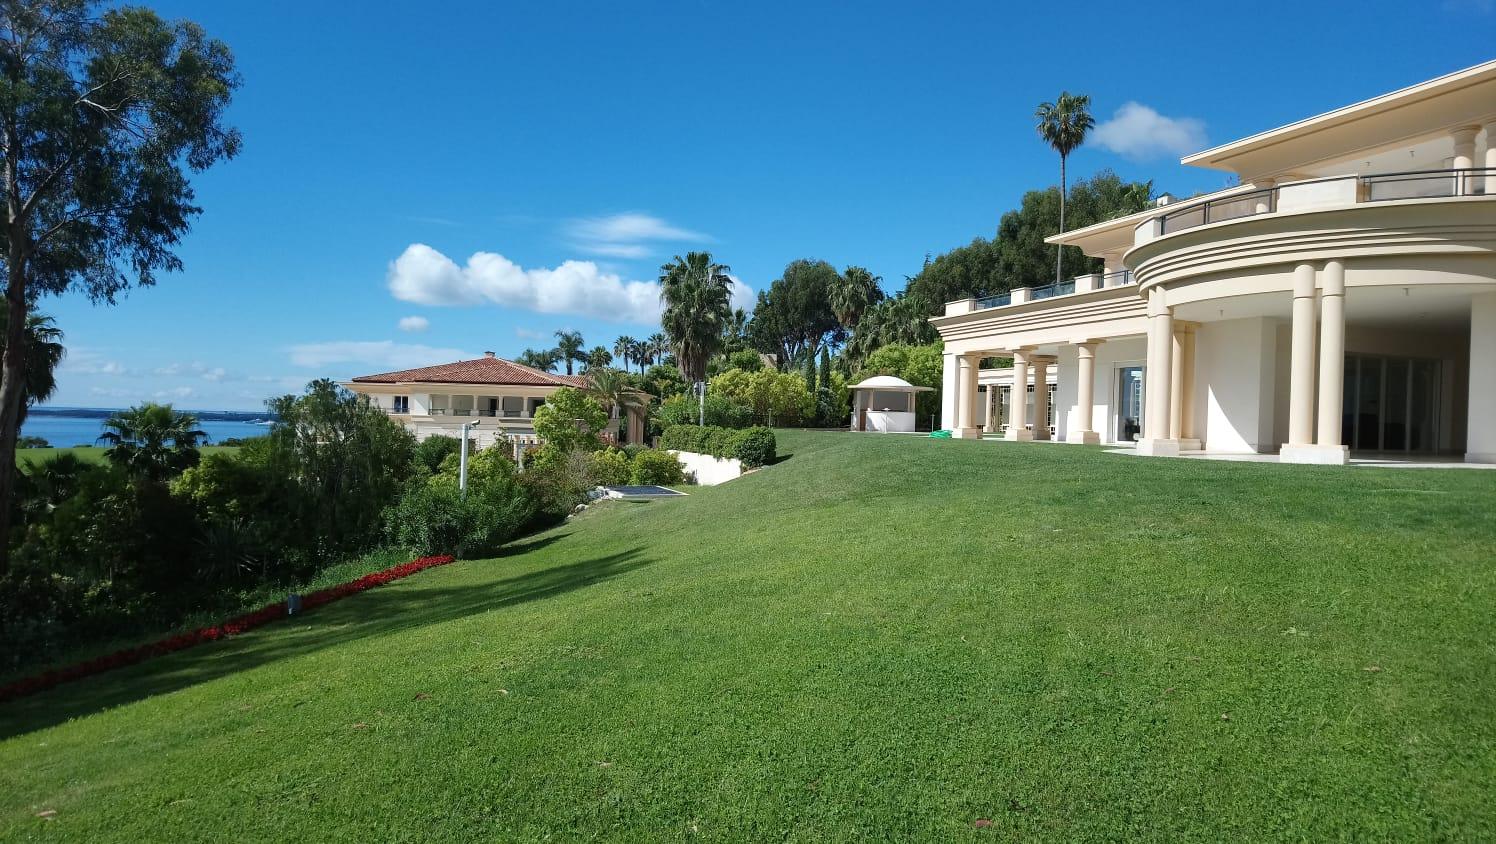 2 Identical Villas